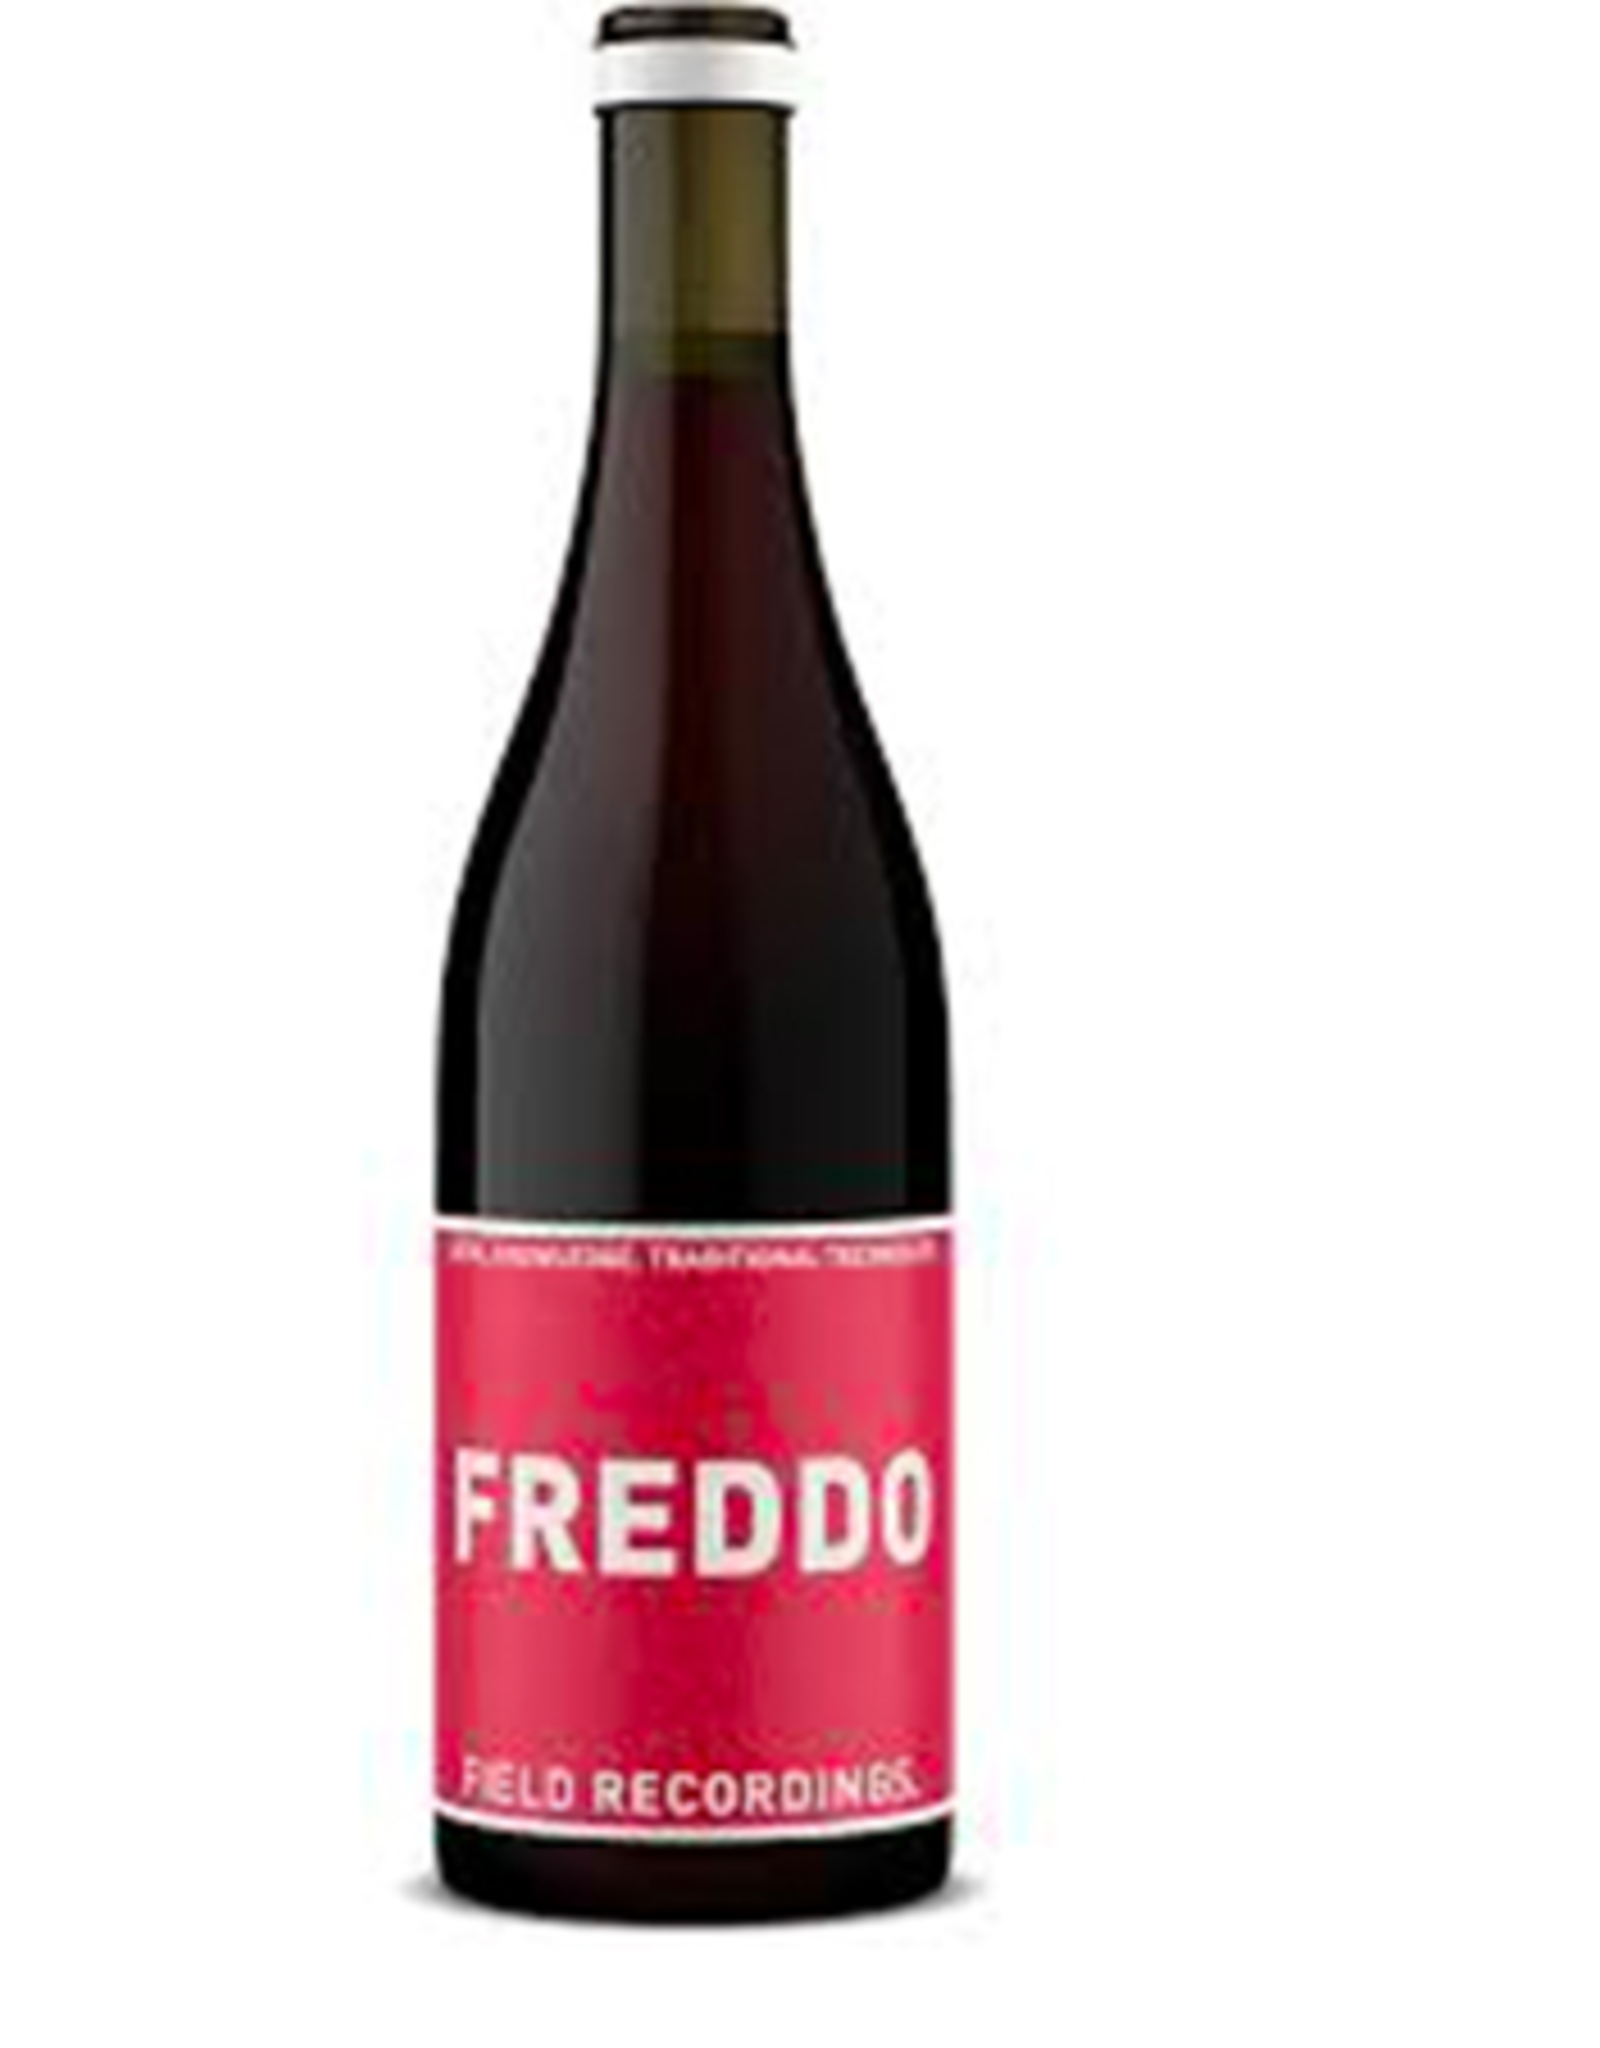 Field Recordings Freddo 2019